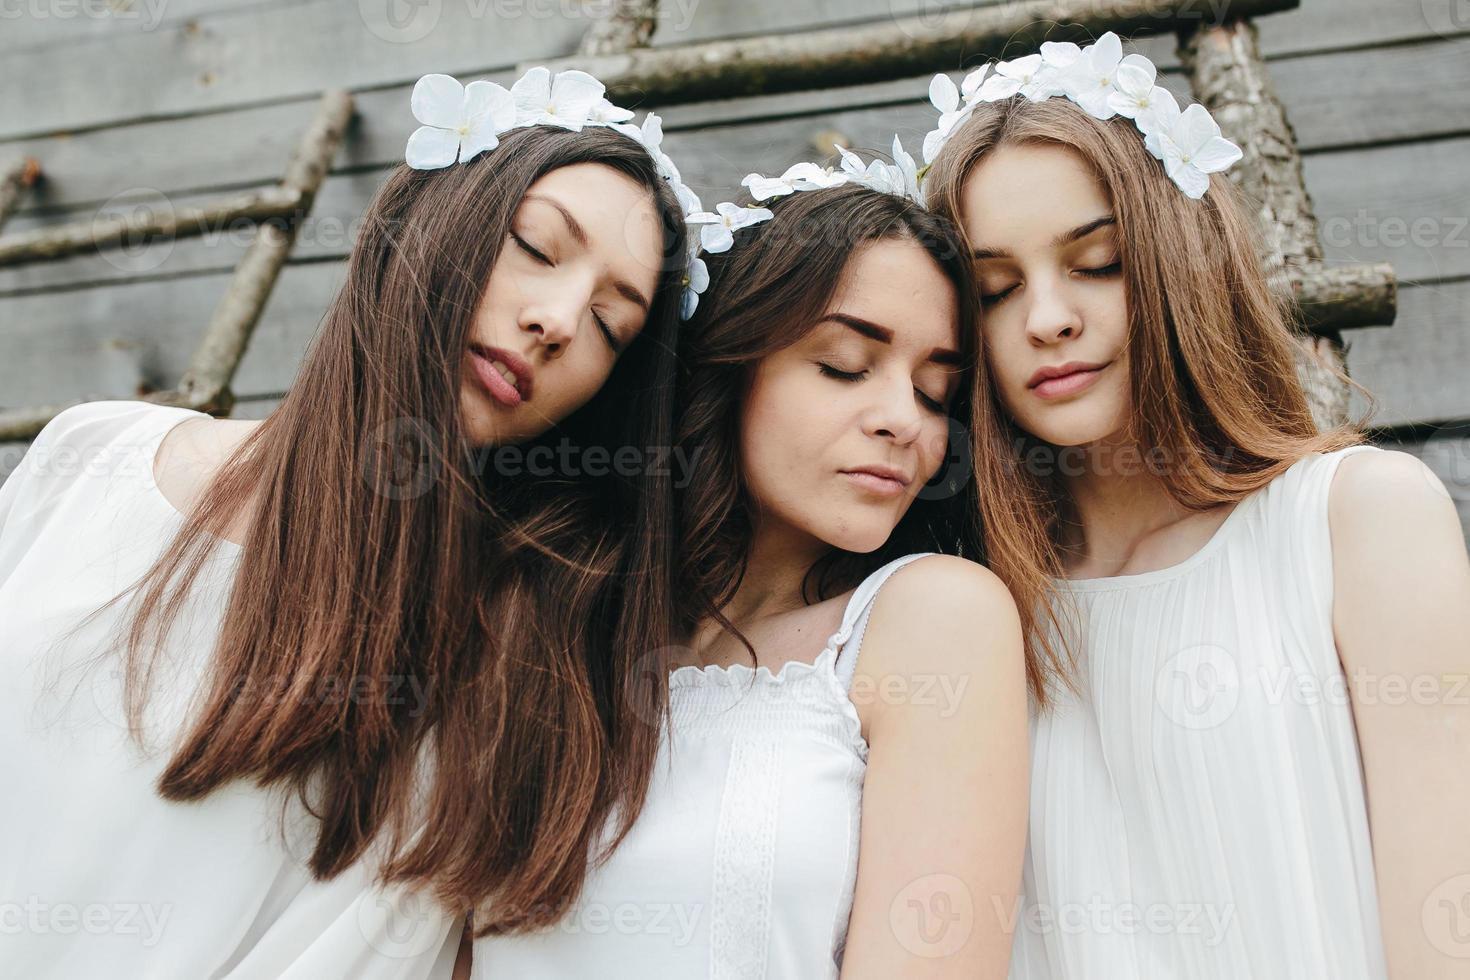 three beautiful girls photo